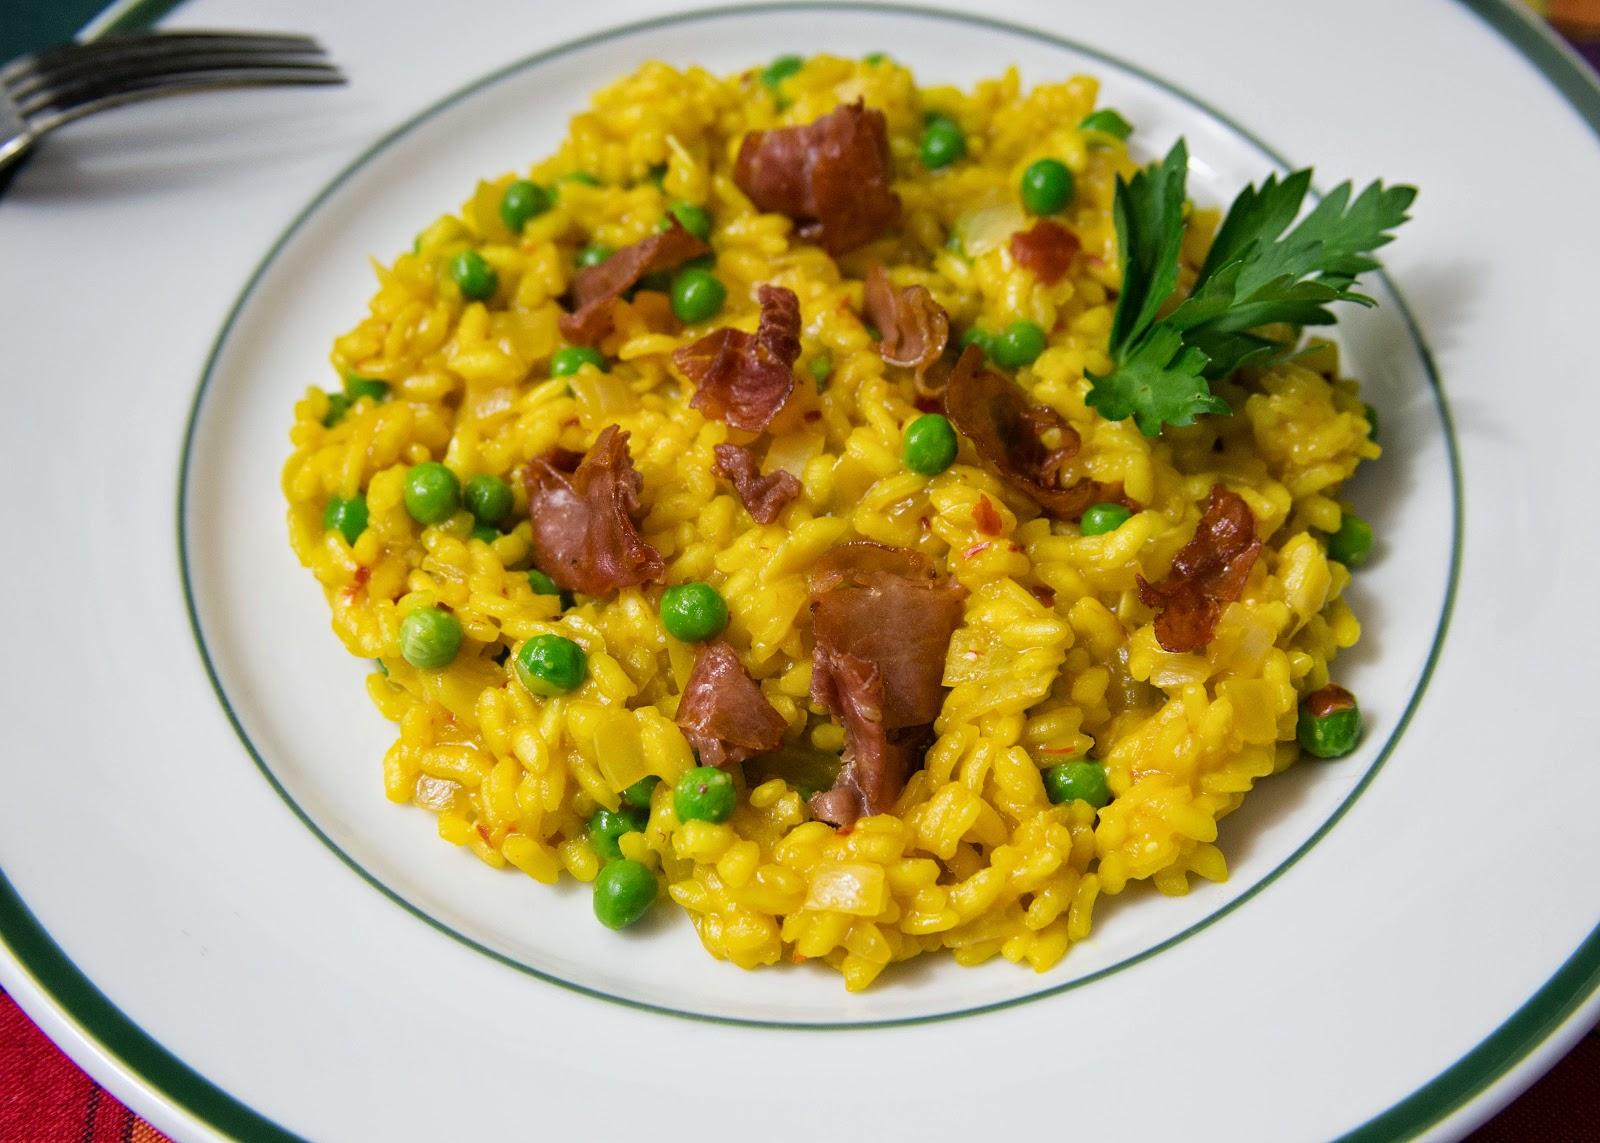 Saffron Risotto with Prosciutto and Peas